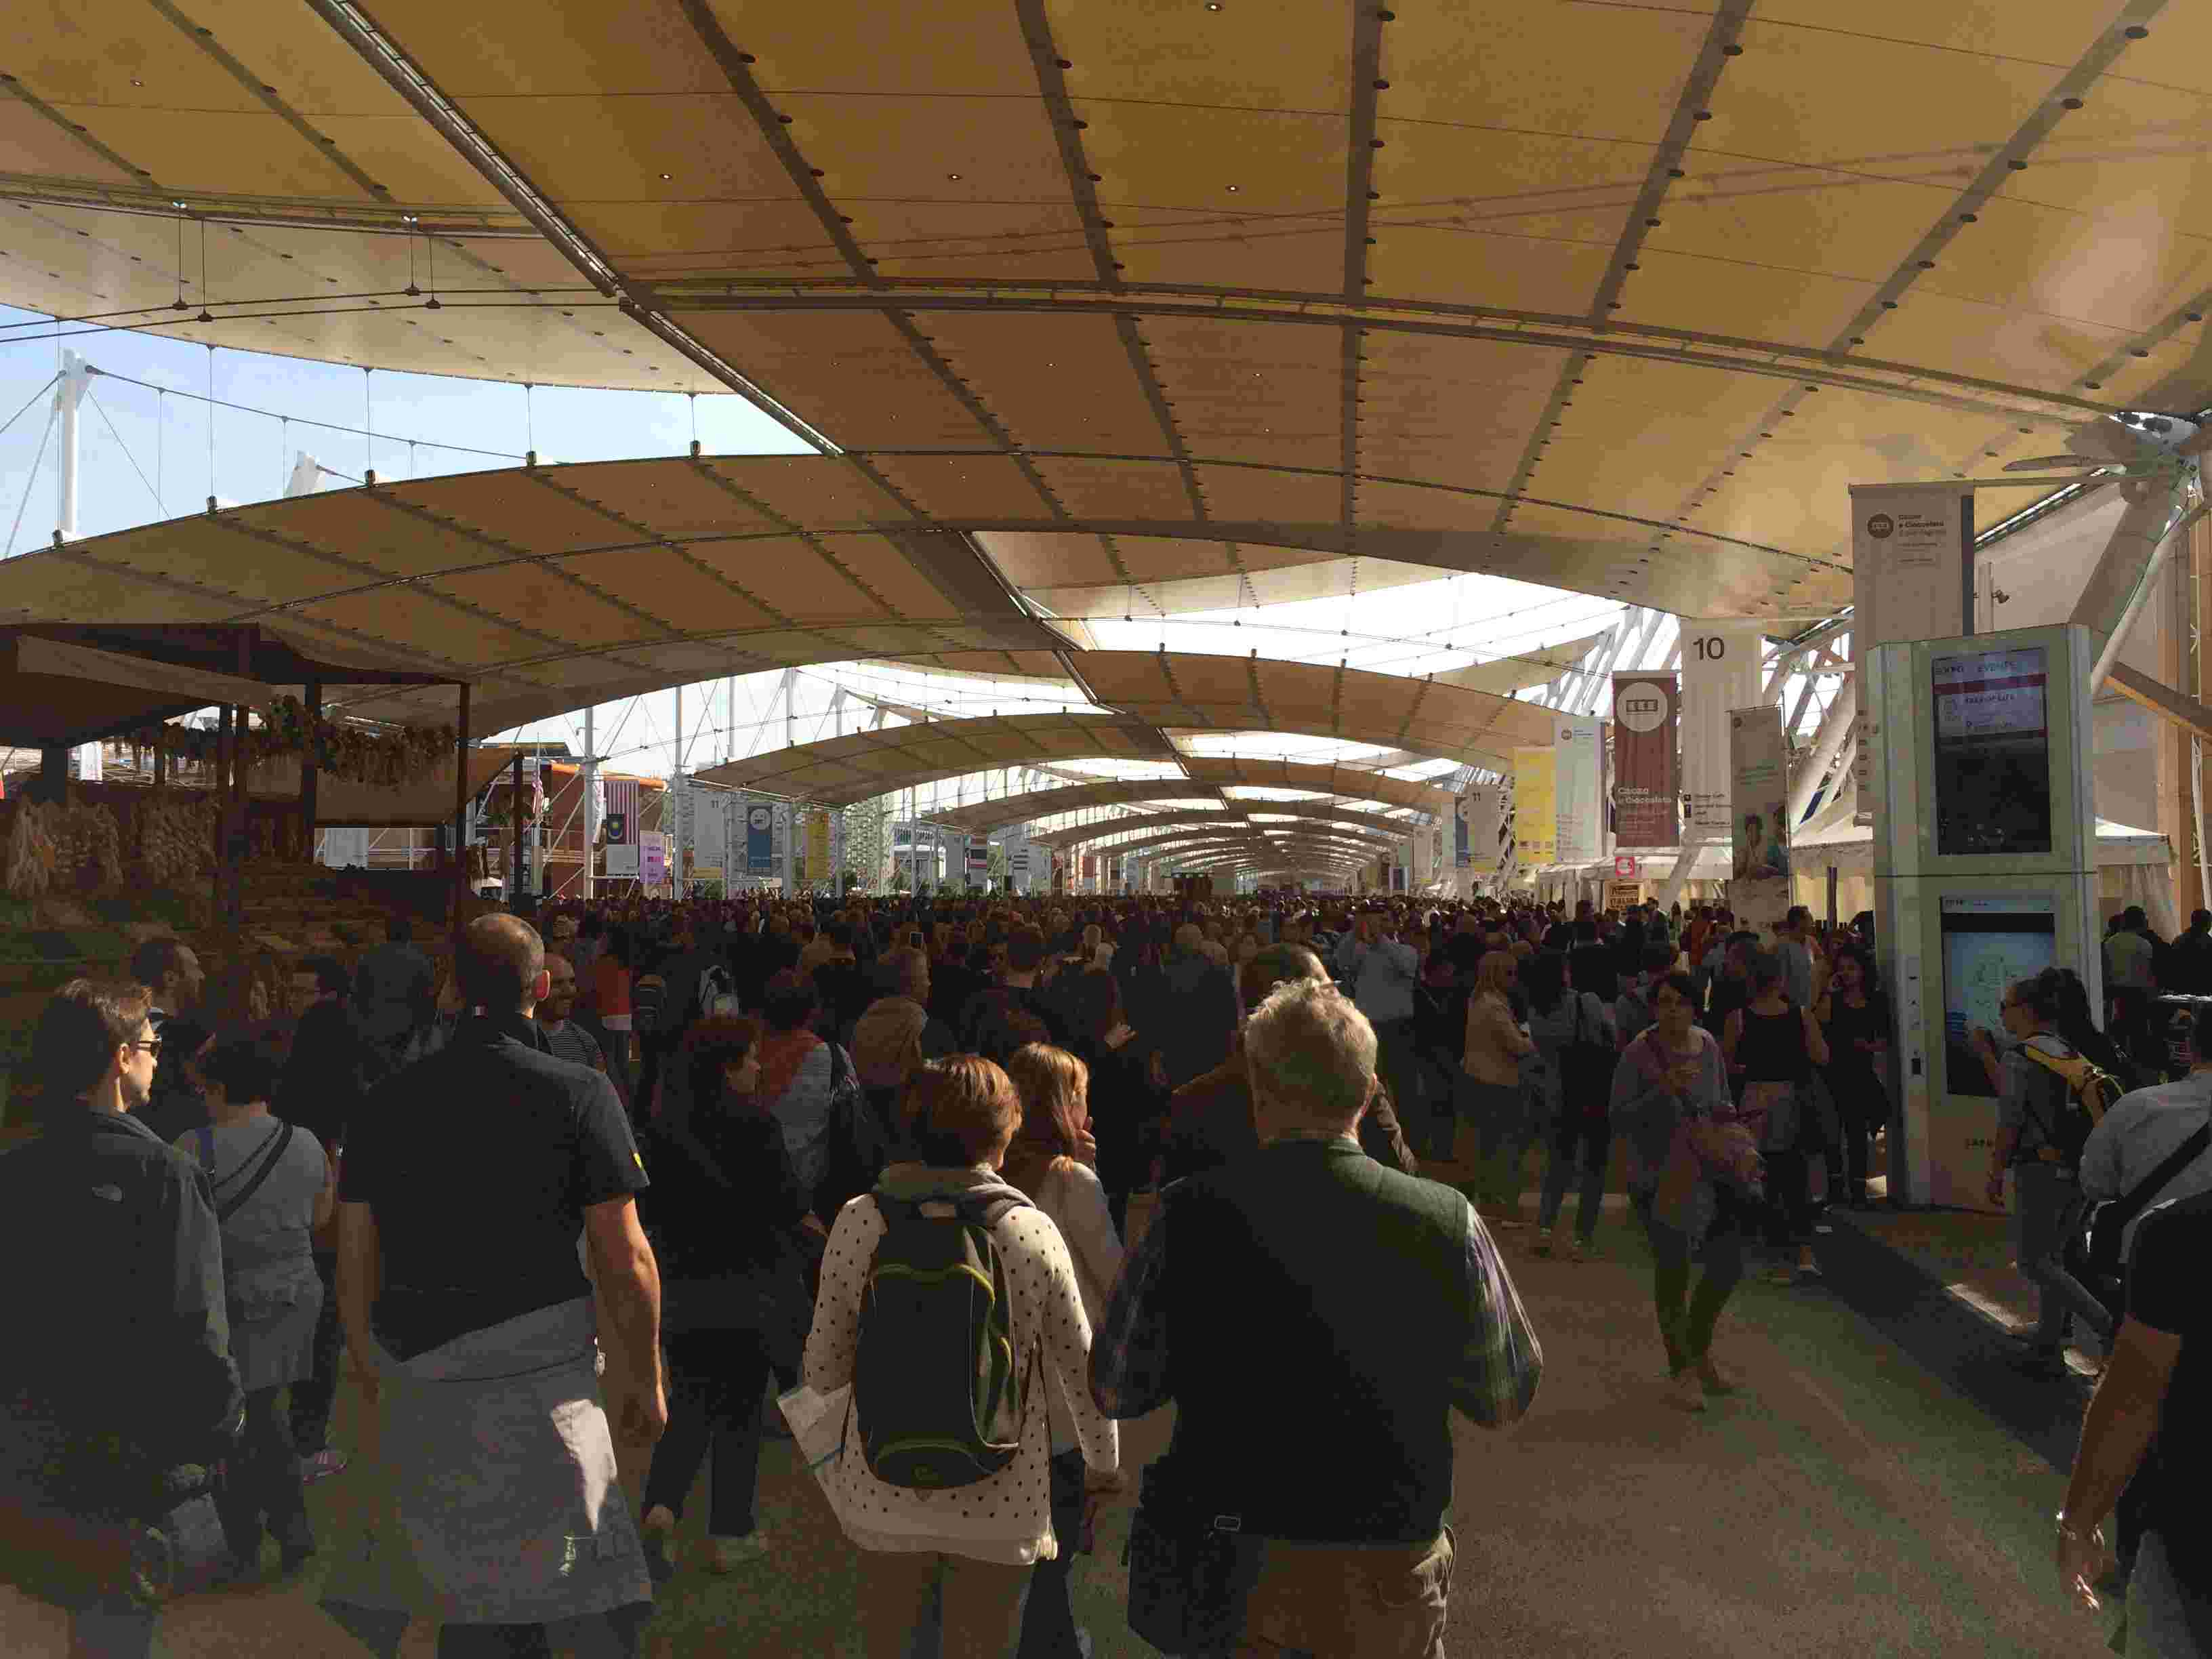 [Désormais visible dans Google Earth] L'Exposition Universelle 2015 à Milan - Italie Img_6410